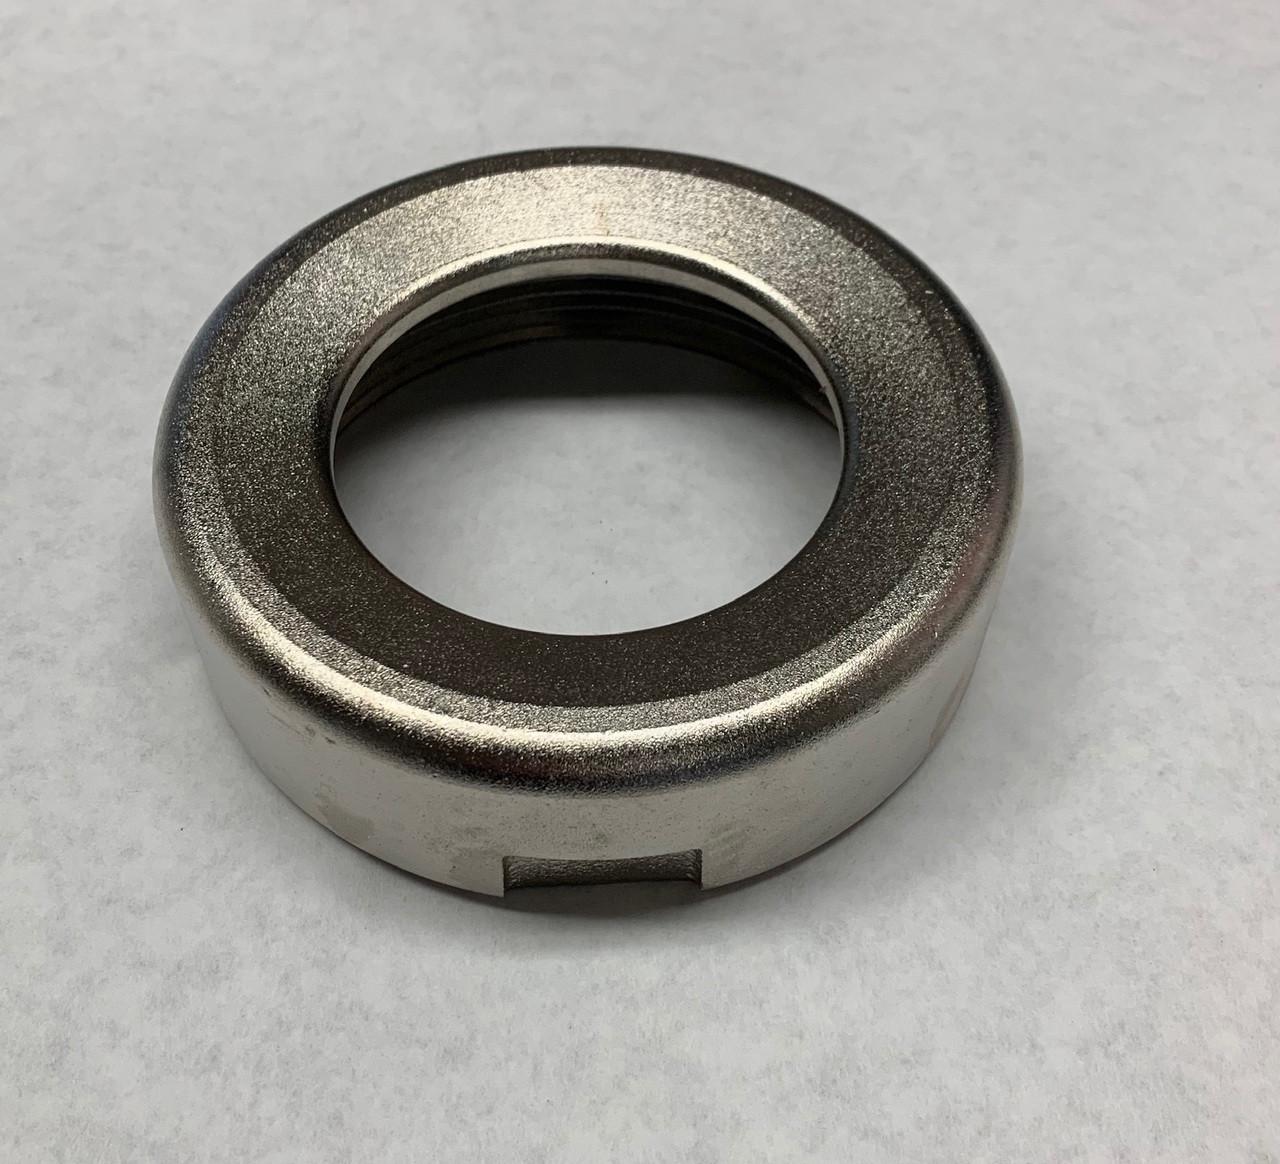 Hobart H506 - Grinder Ring - Hobart 4146,4246,4346,4632,4732,4732A